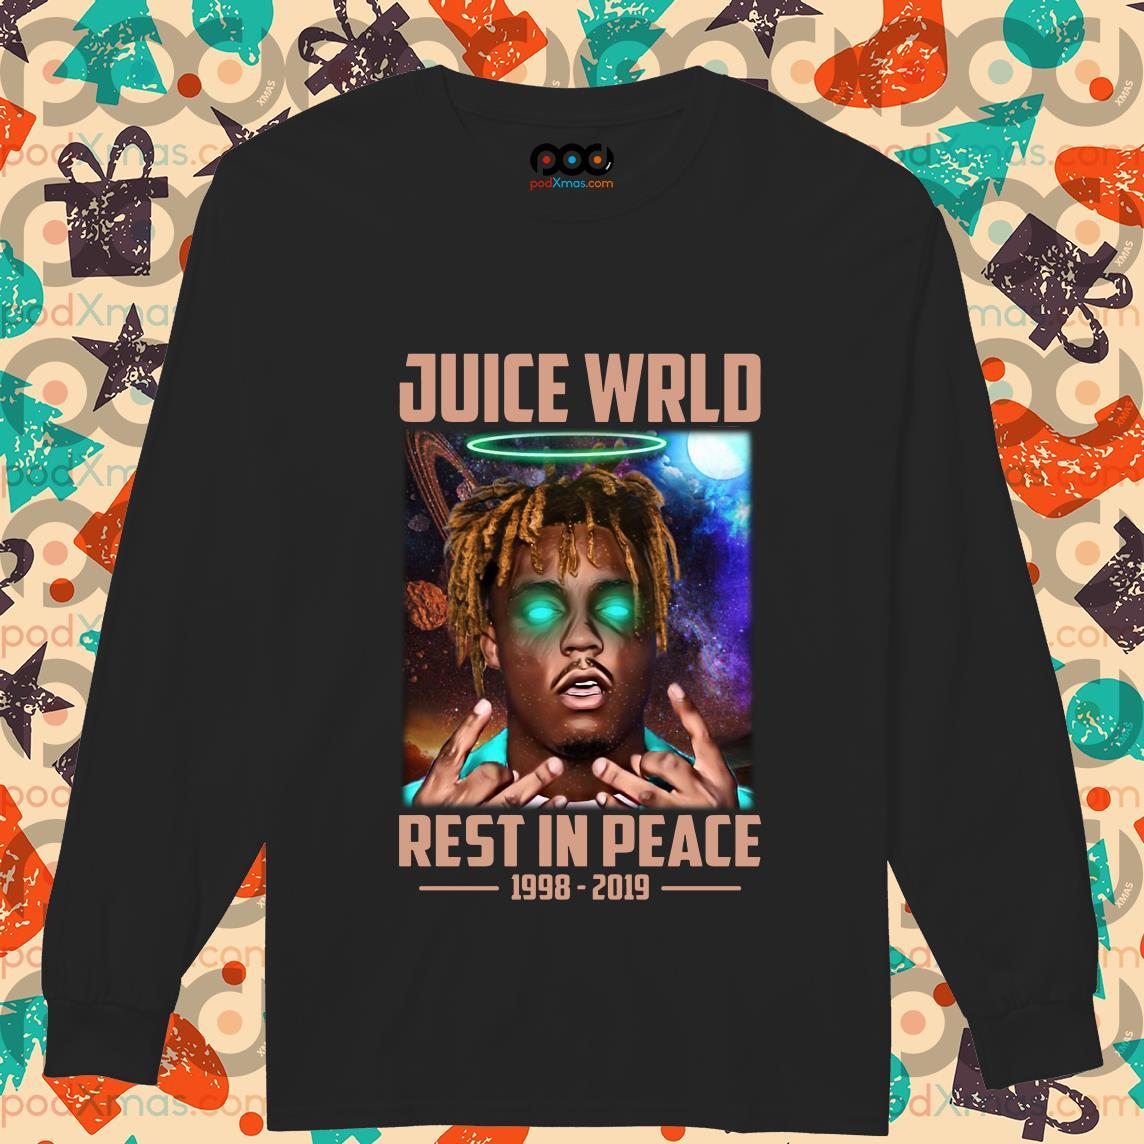 Juice Wrld Rest In Peace 1998 2019 longsleeved